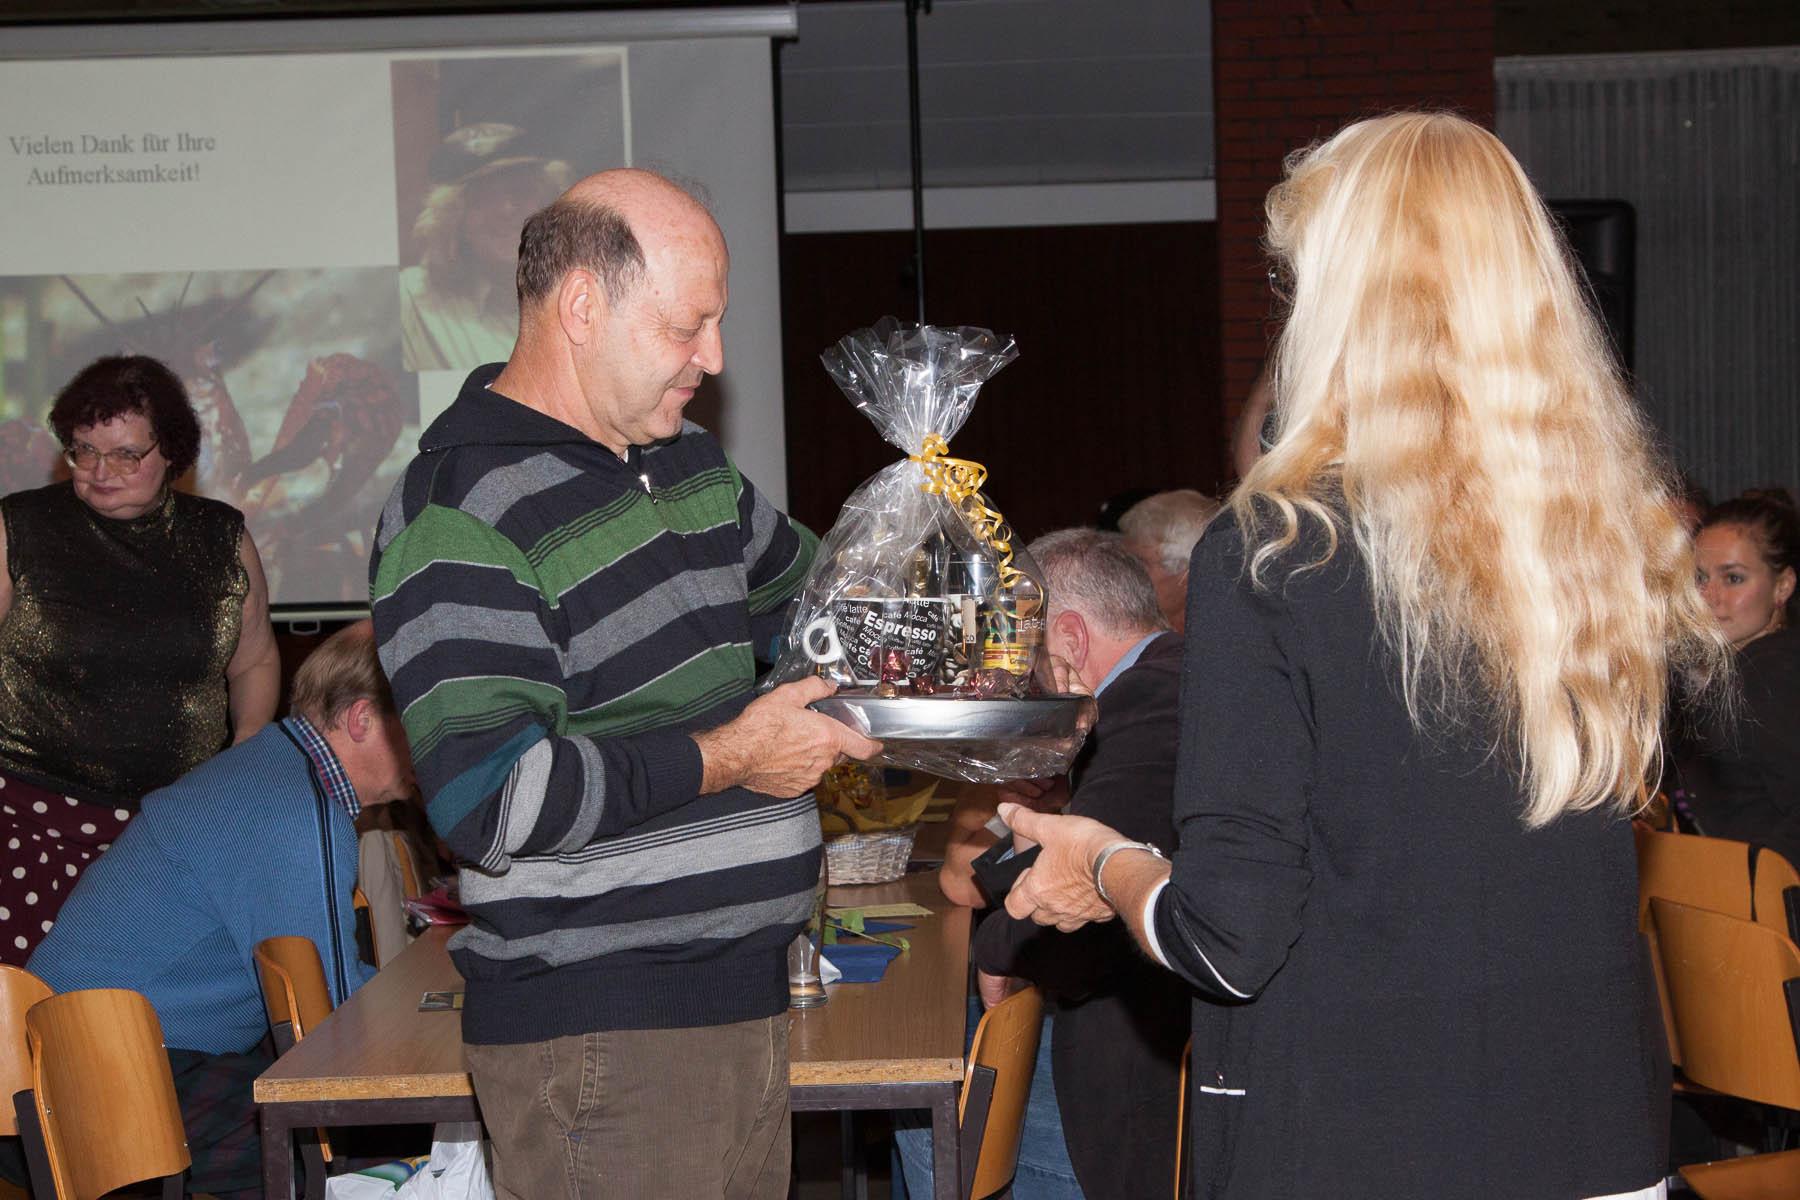 Foto Uwe Konrad Referent Uwe Werner freut sich über Geschenk des Bezirks